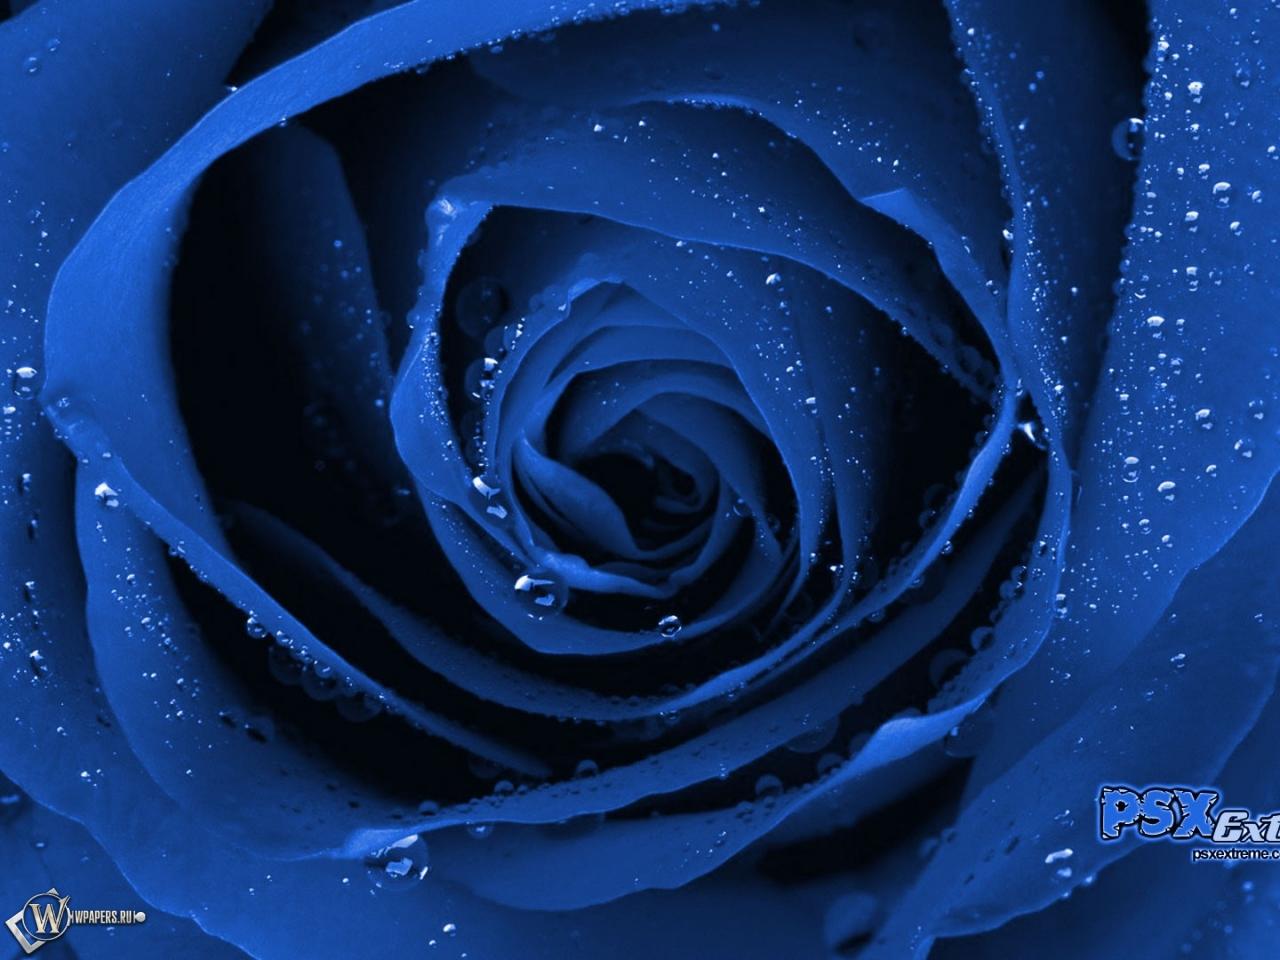 Синяя роза 1280x960